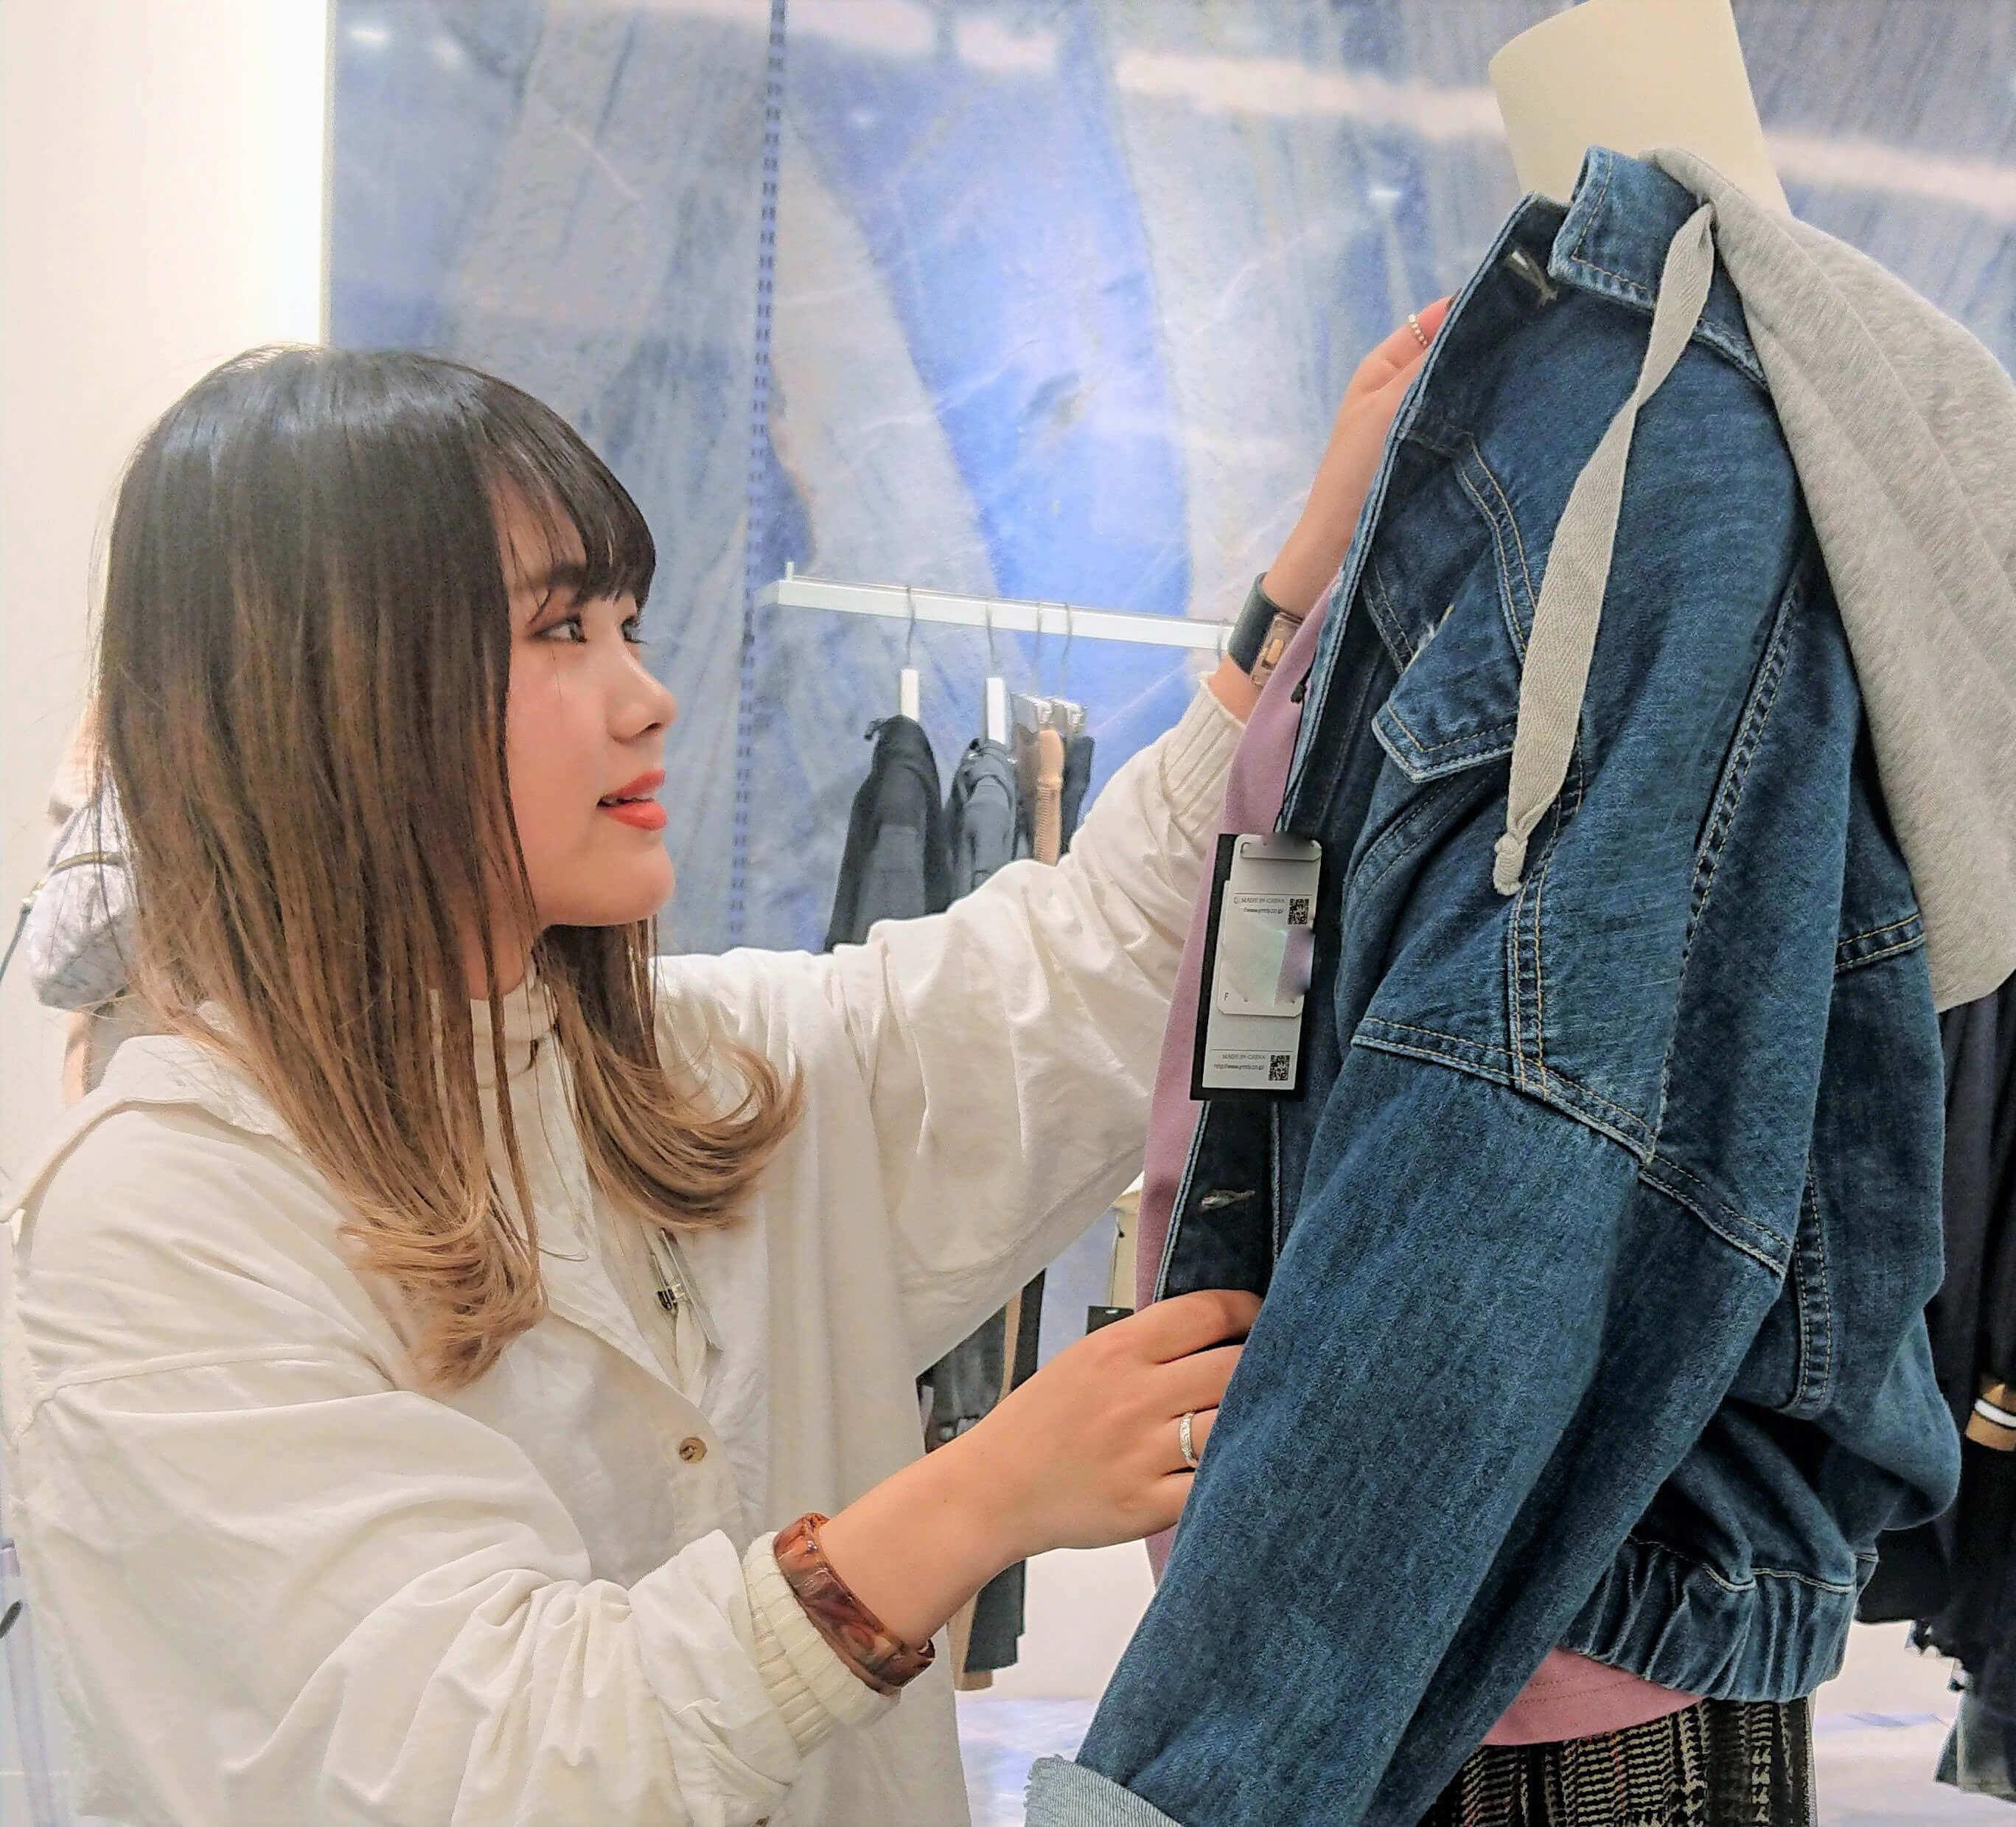 ★高知★自分らしさを大切にした接客スタイルで働けるファッションアドバイザー募集のカバー写真